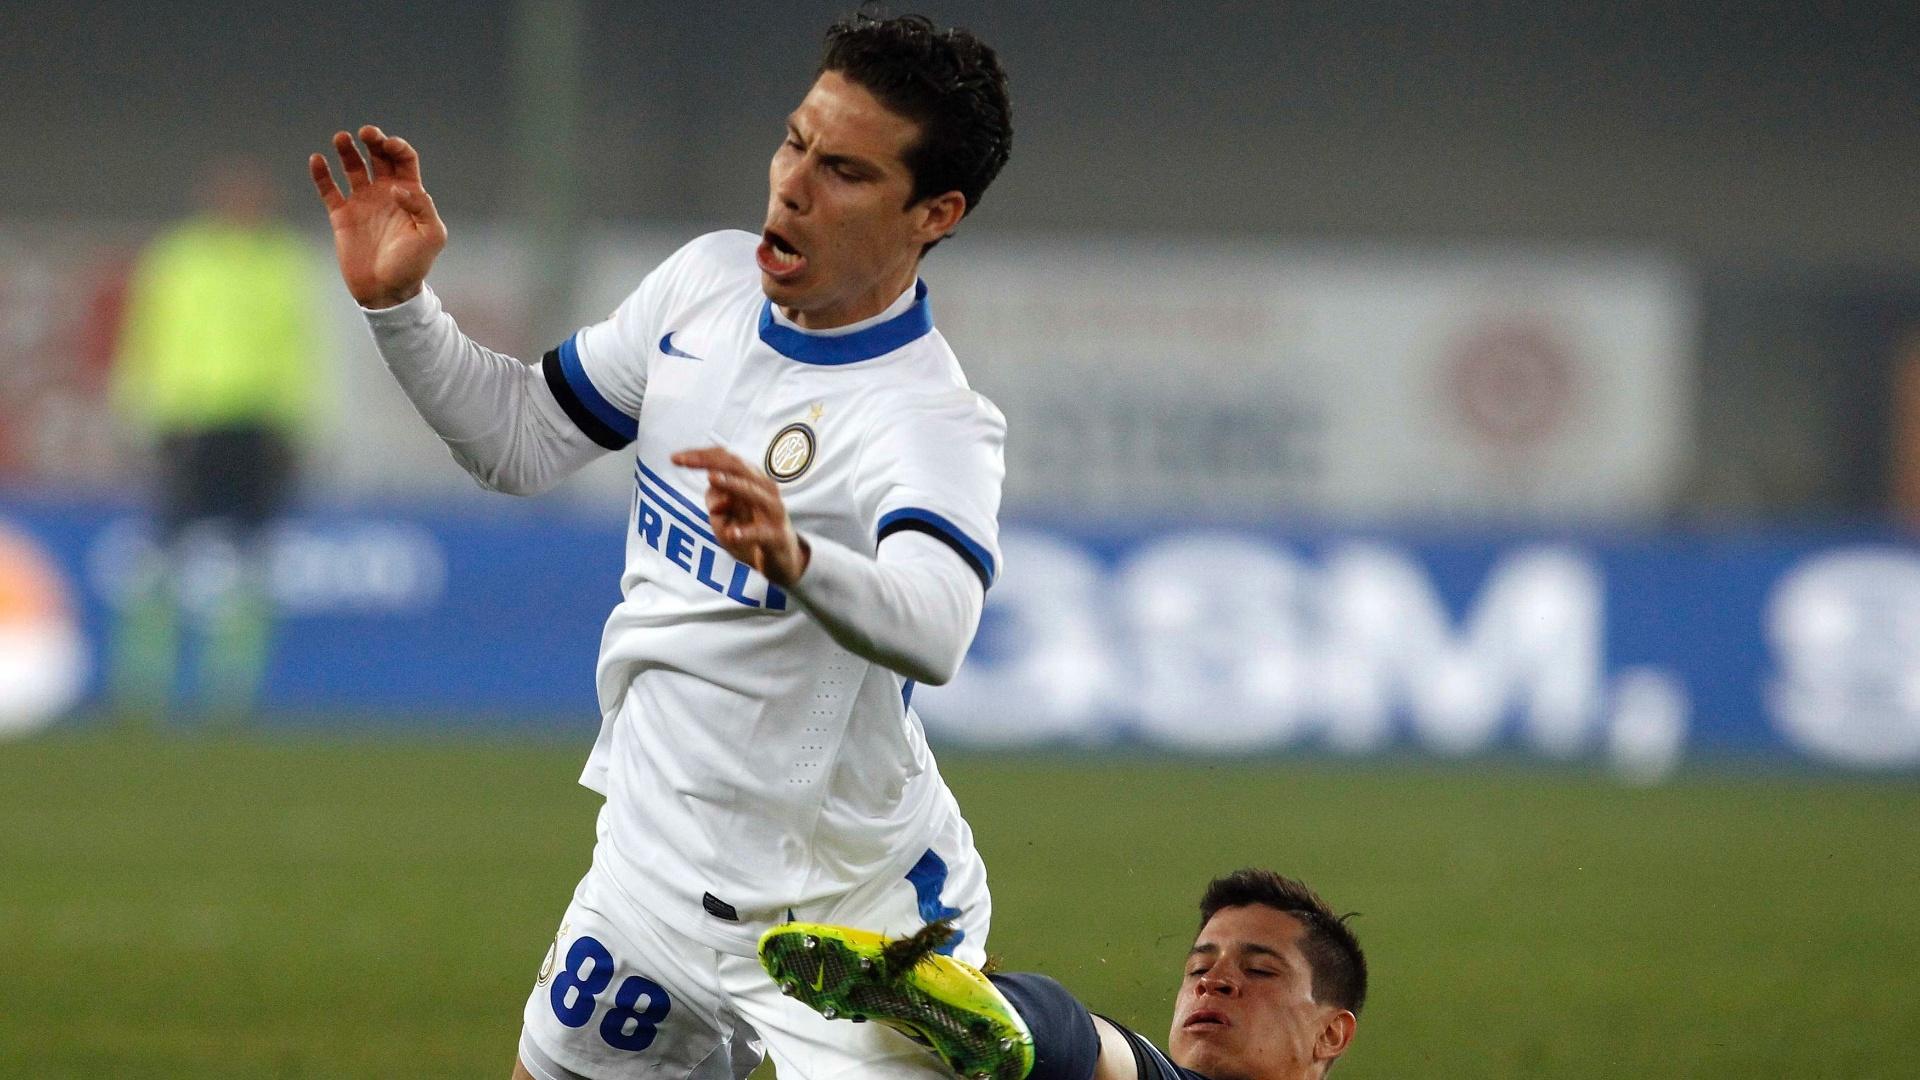 15.mar.2014 - Meia Hernanes, da Inter de Milão, leva carrinho do argentino Iturbe, do Verona, em jogo pelo Campeonato Italiano